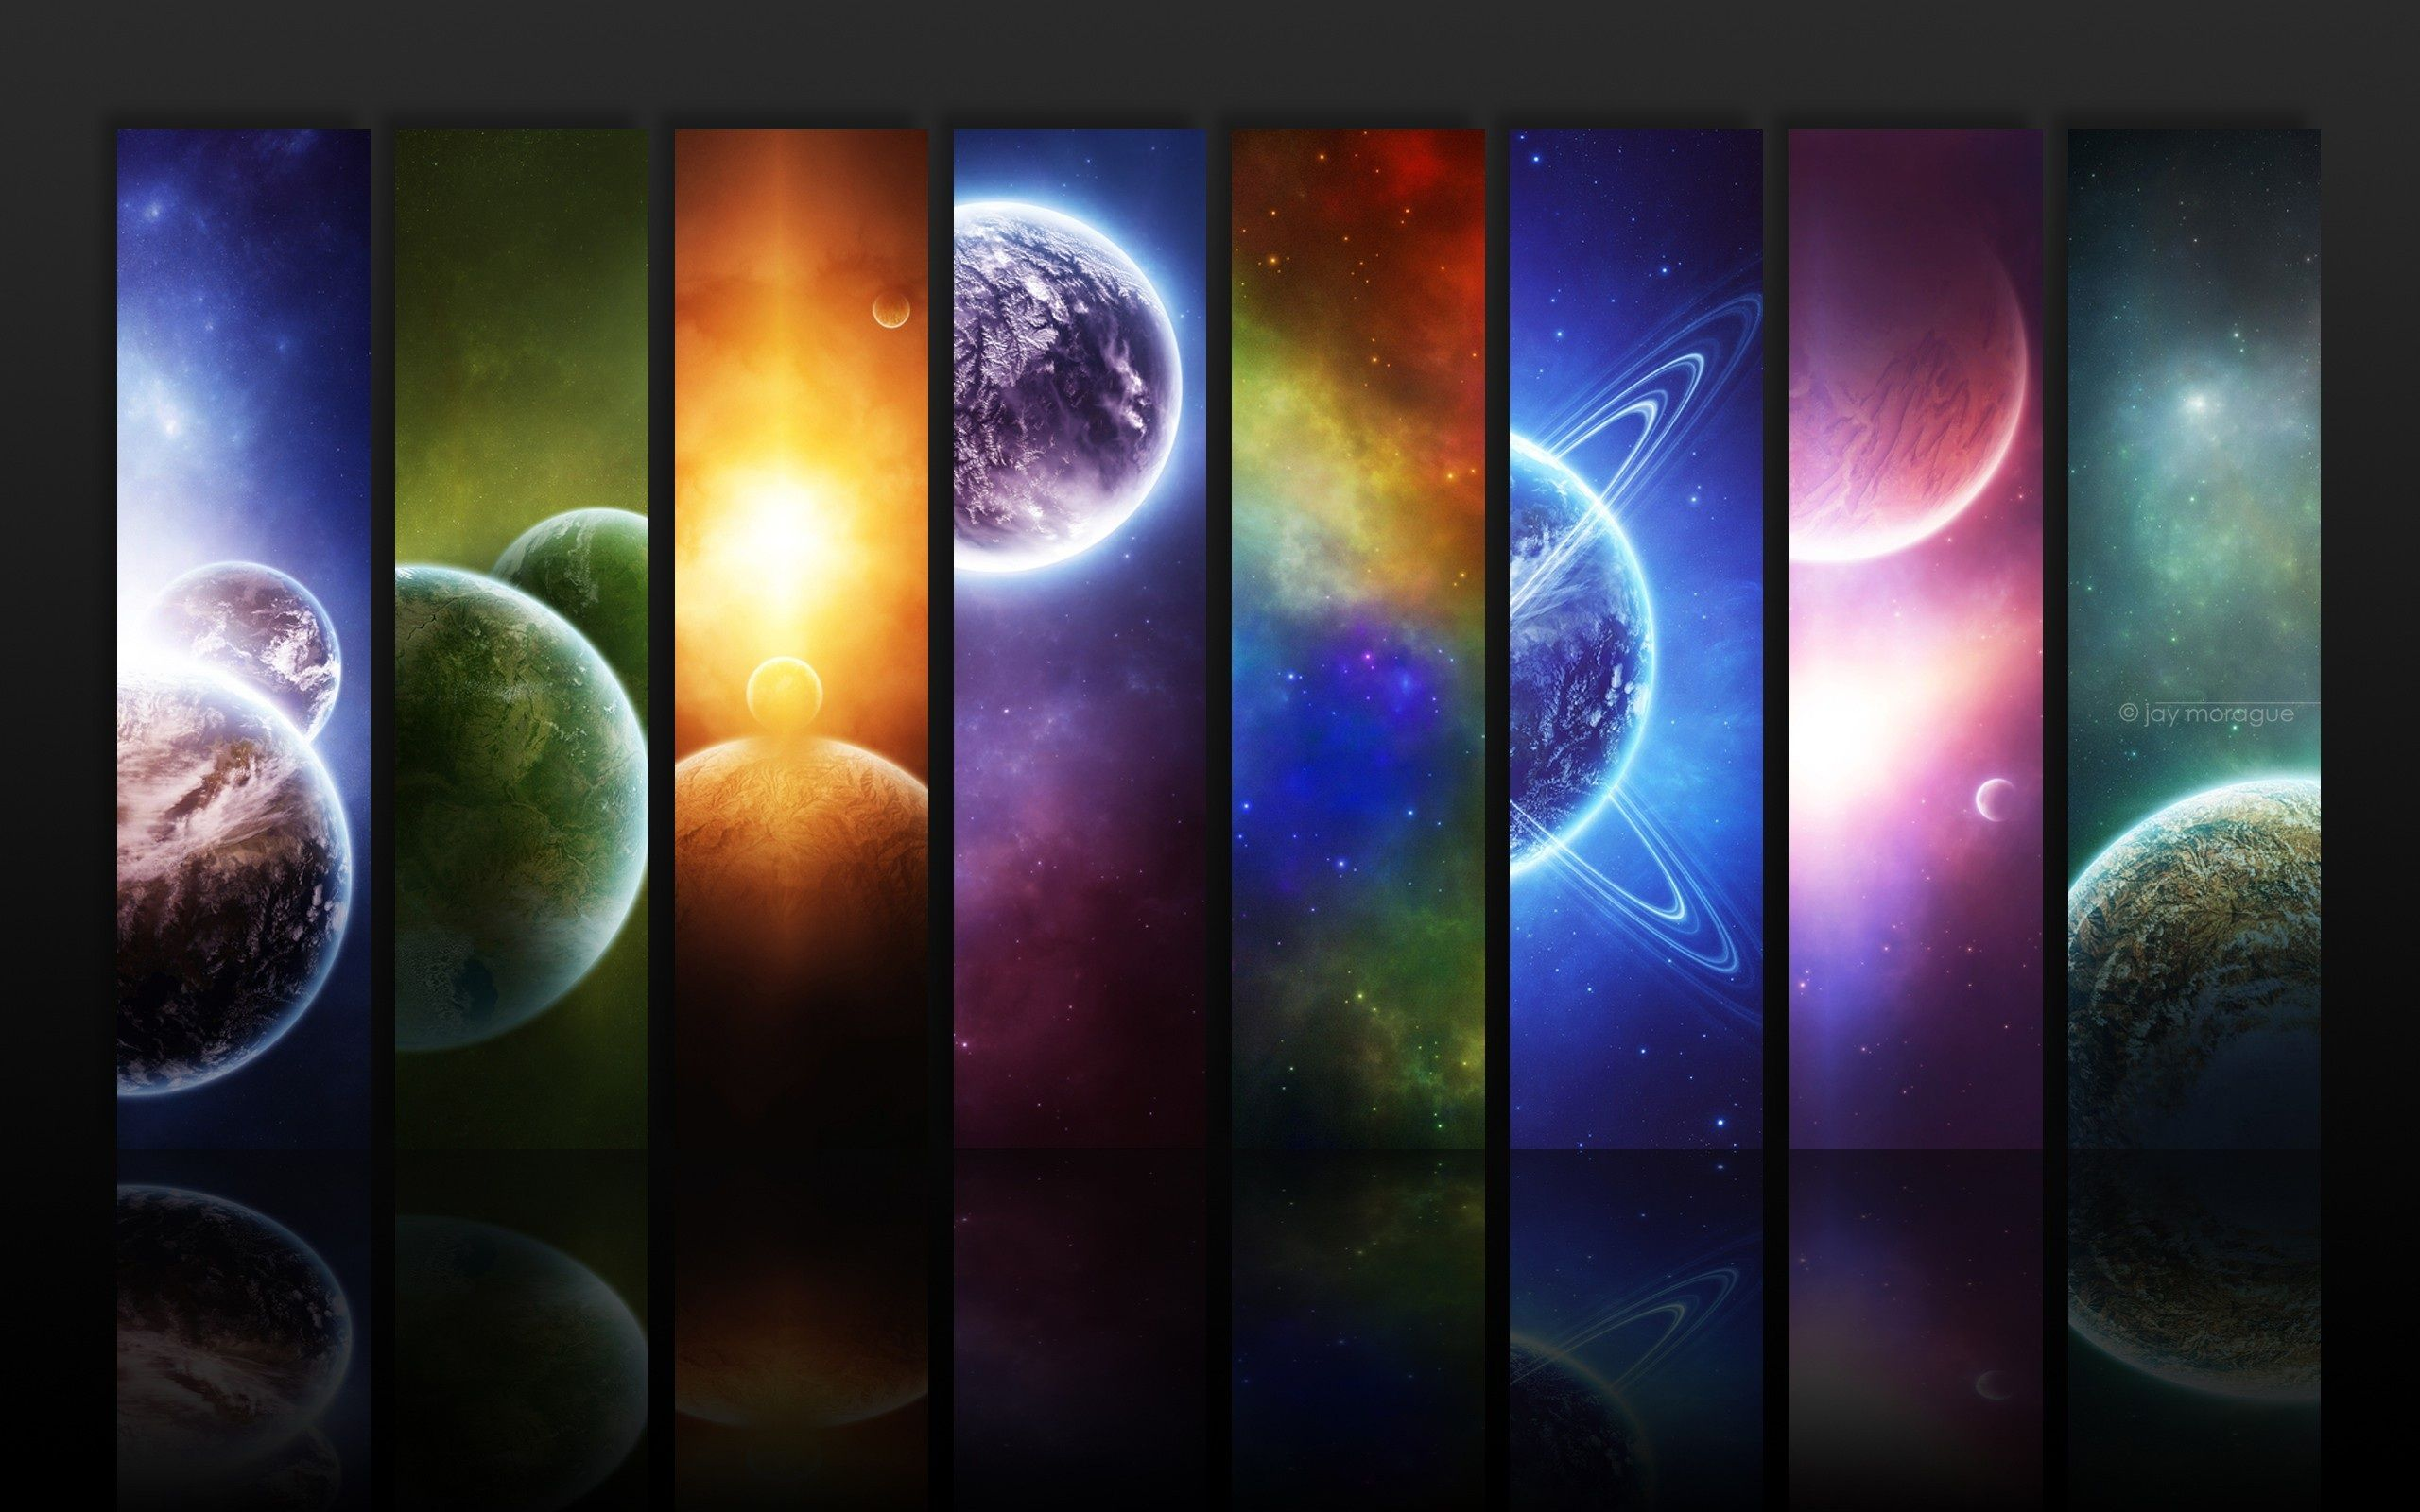 画面のスターの美しさ 壁紙 2560x1600 壁紙ダウンロード Cool Desktop Backgrounds Solar System Wallpaper Wallpaper Space